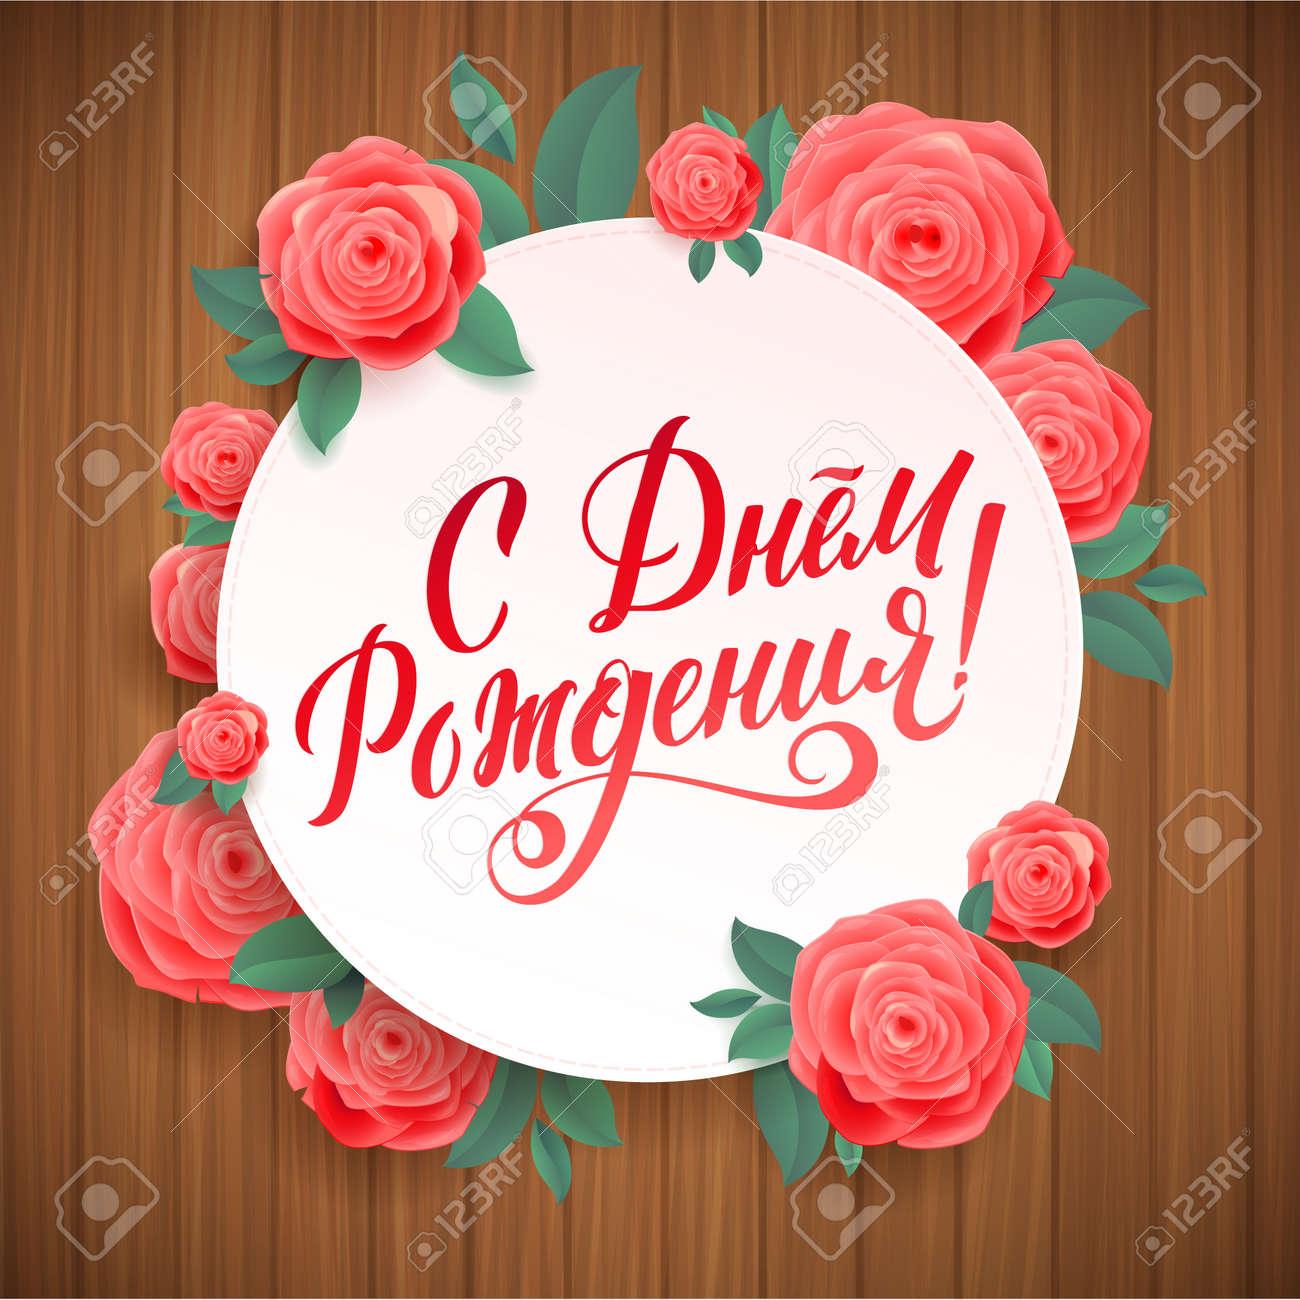 Alles Gute Zum Geburtstag Russische Blumengruss Karte Geburtstag